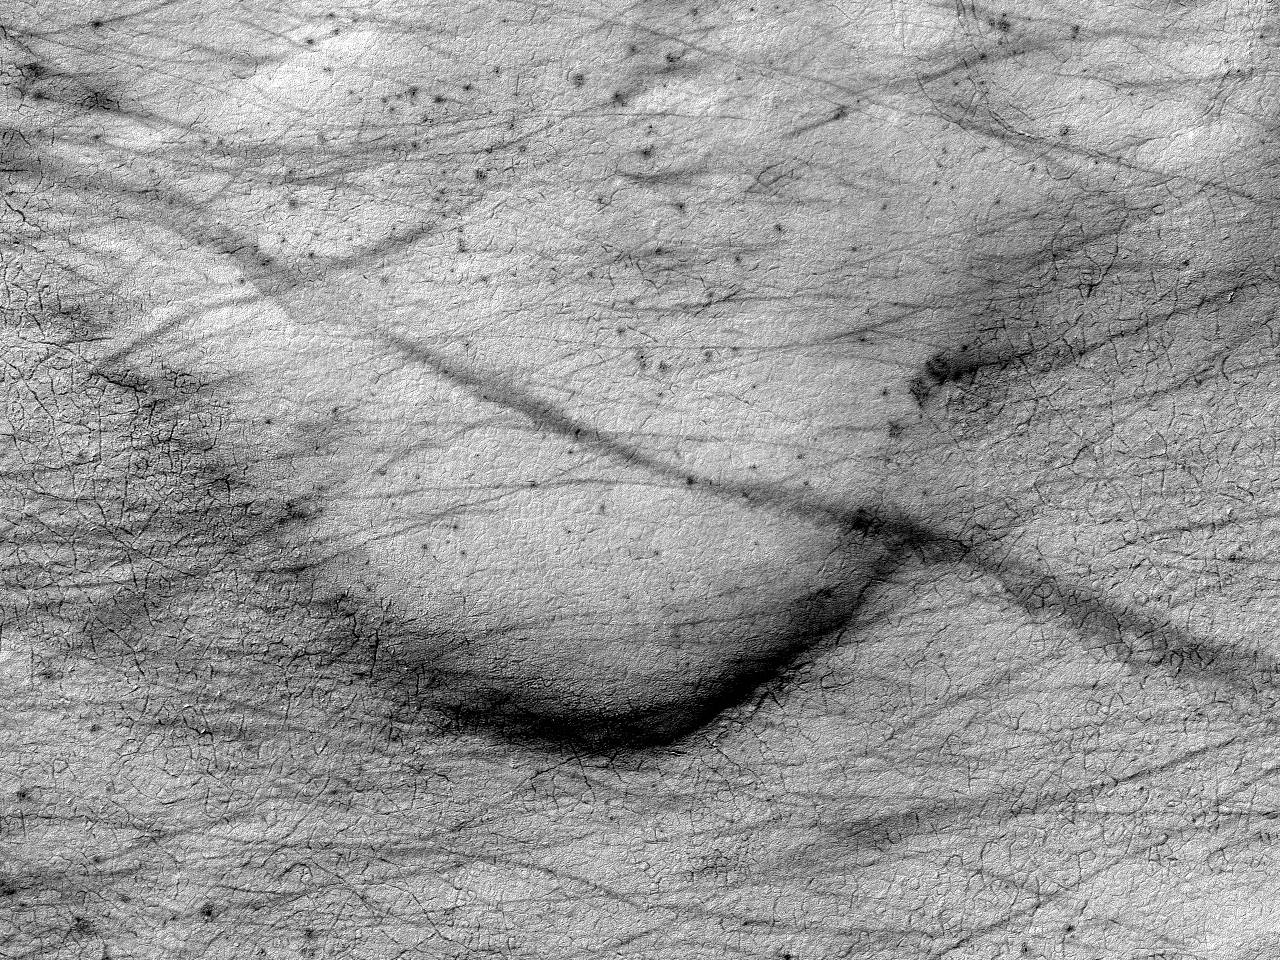 Vifte ved enden av en dal i et krater